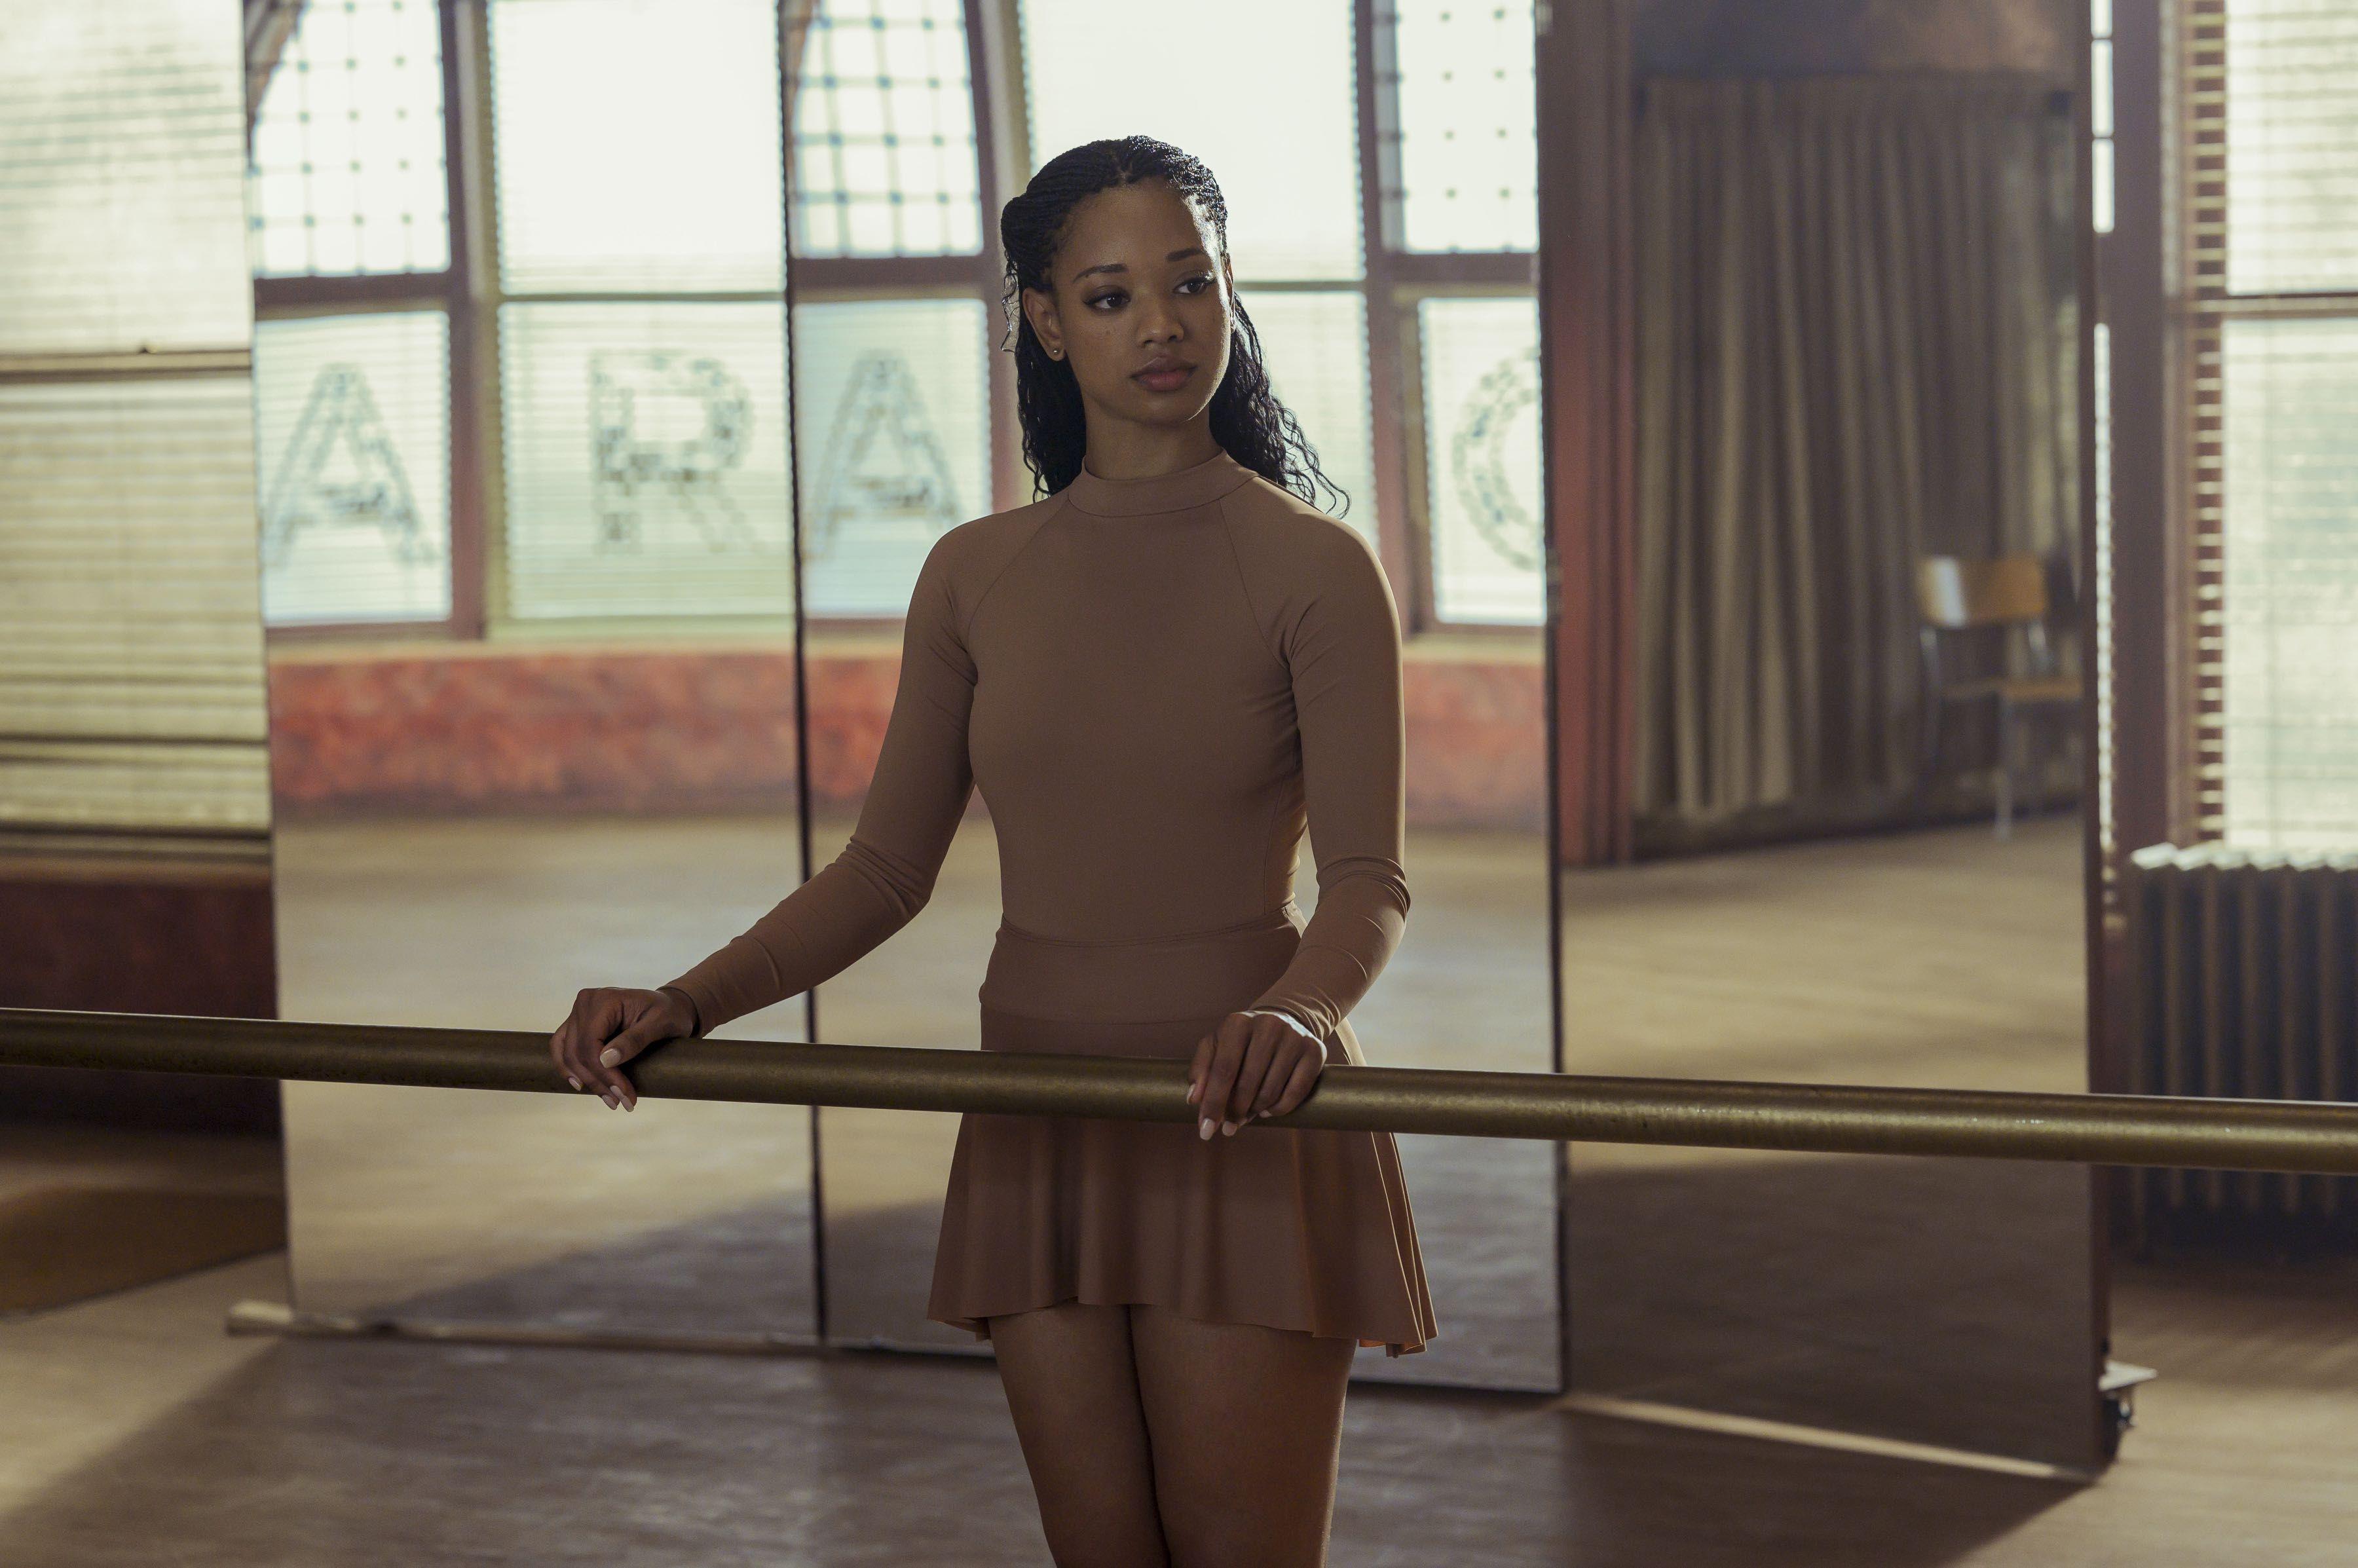 Baletná škola nie je len o tanci a krásnych šatách. Niekedy je za peknou obálkou škaredý príbeh. Seriál Tiny Pretty Things je toho dôkazom.